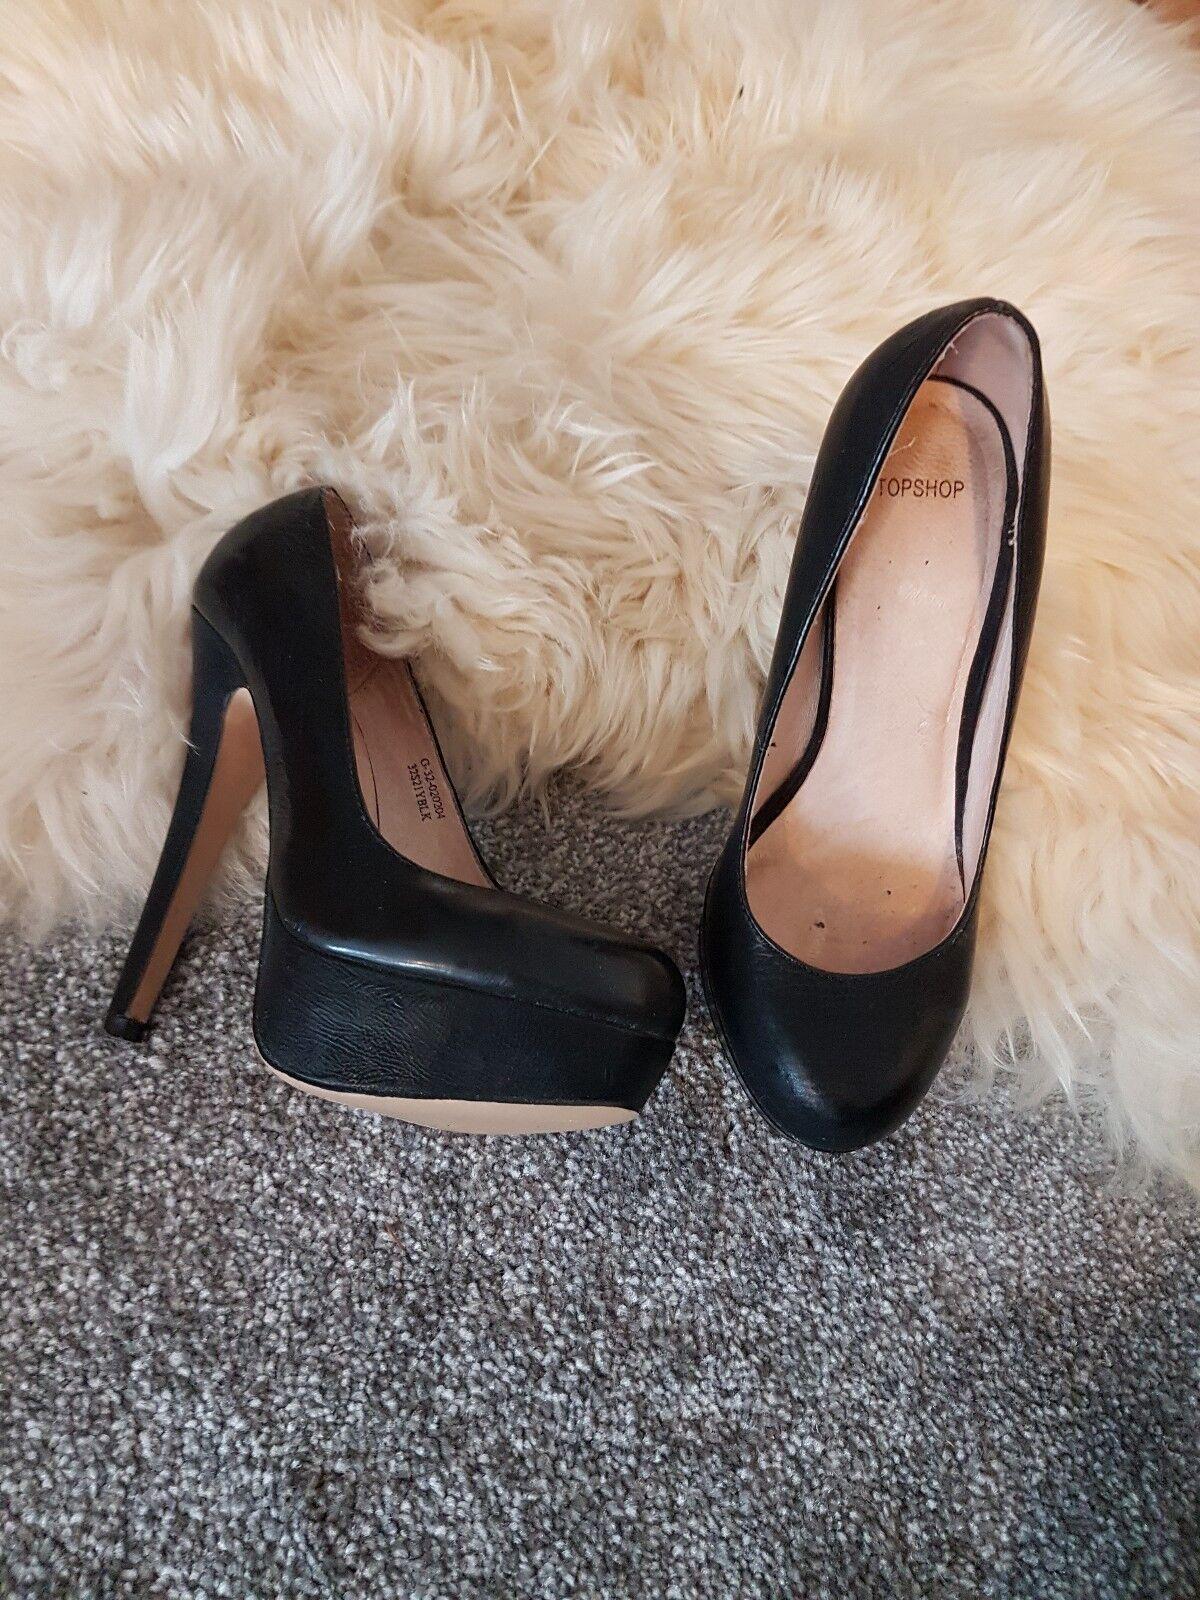 Real Leather Topshop Platform Court shoes Black 36 3 Heels